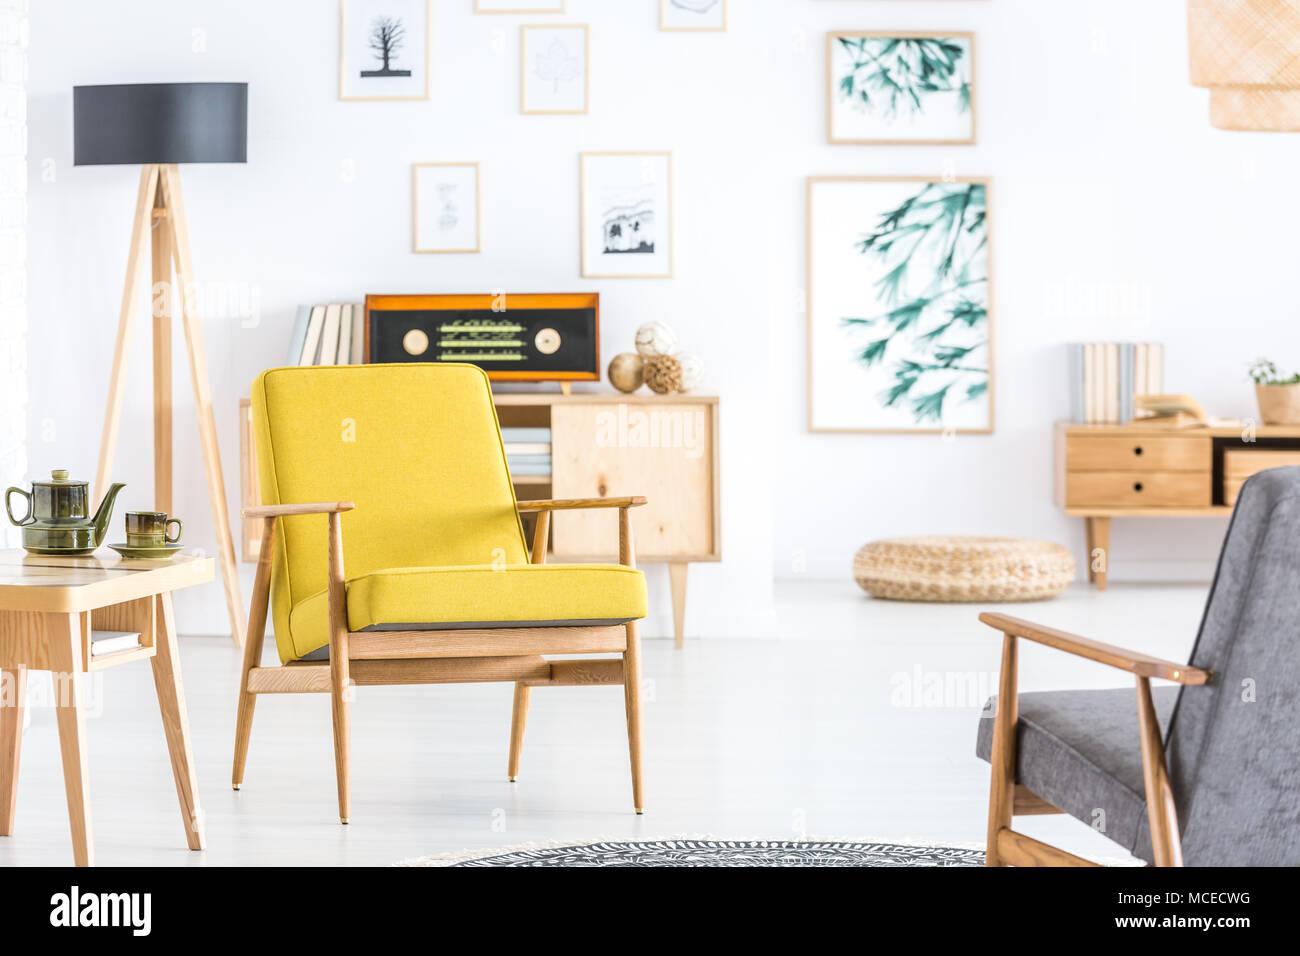 Retro Living Room Stock Photos & Retro Living Room Stock Images - Alamy